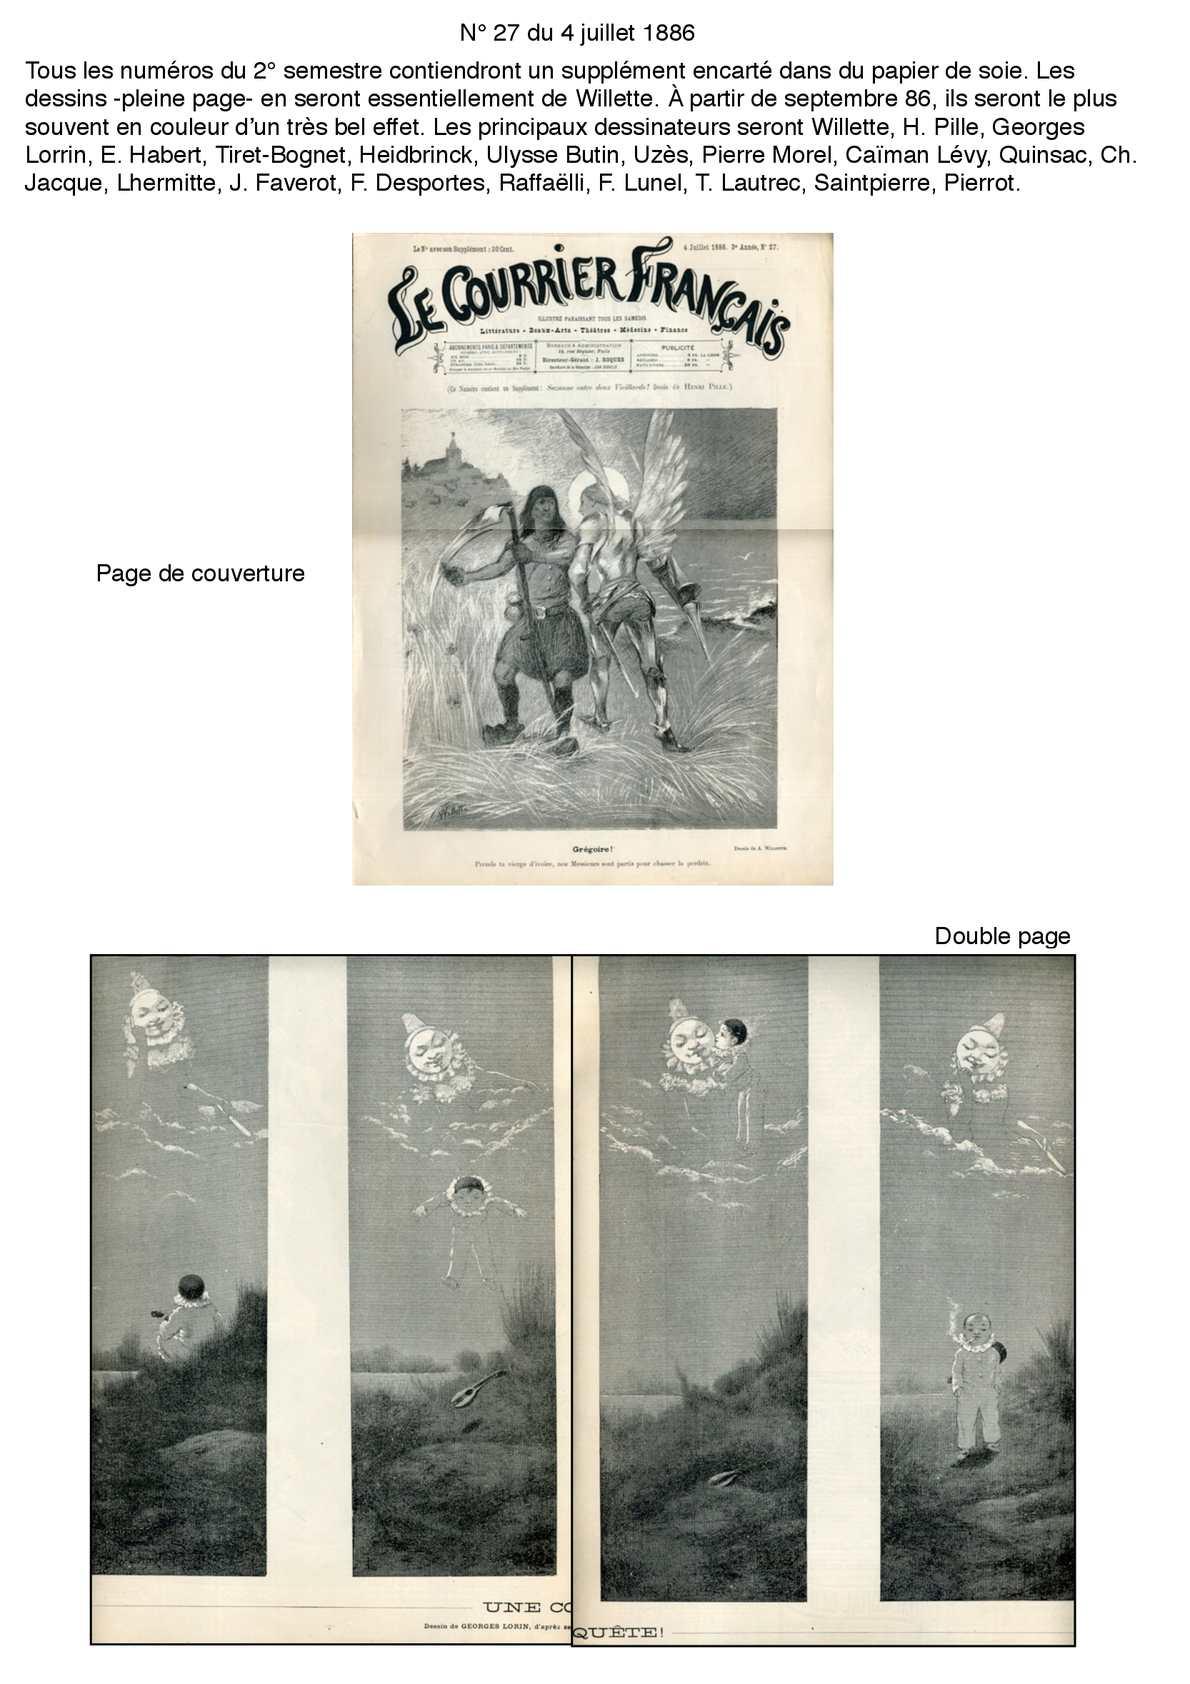 Le Courrier Français 2° semestre 1886